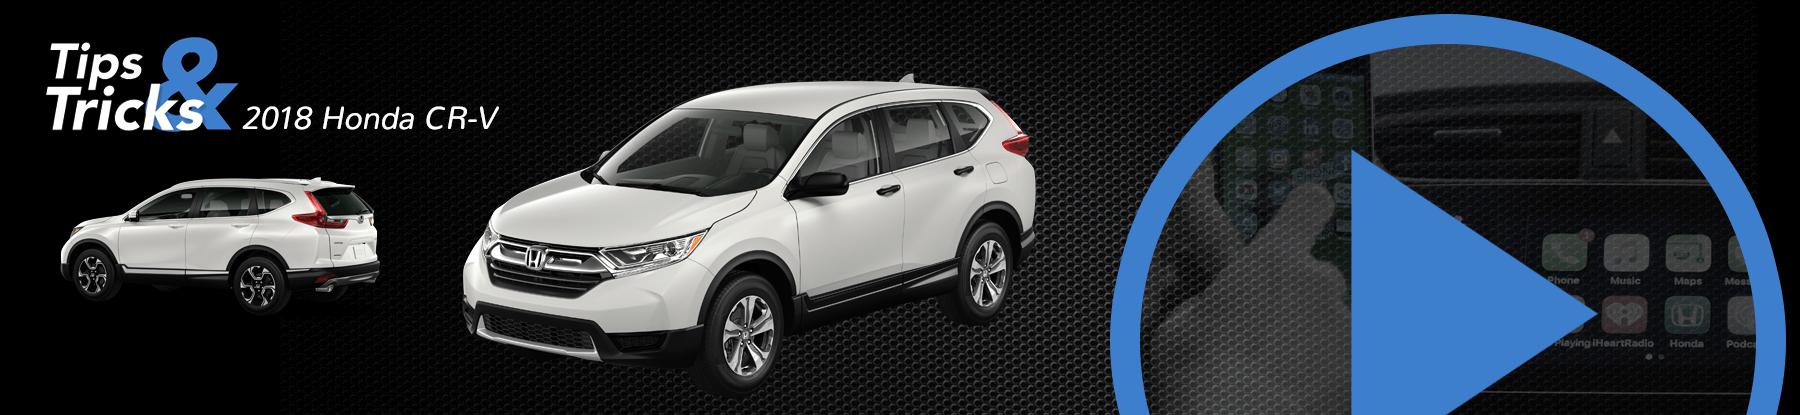 Honda CR-V Tips and Tricks Banner